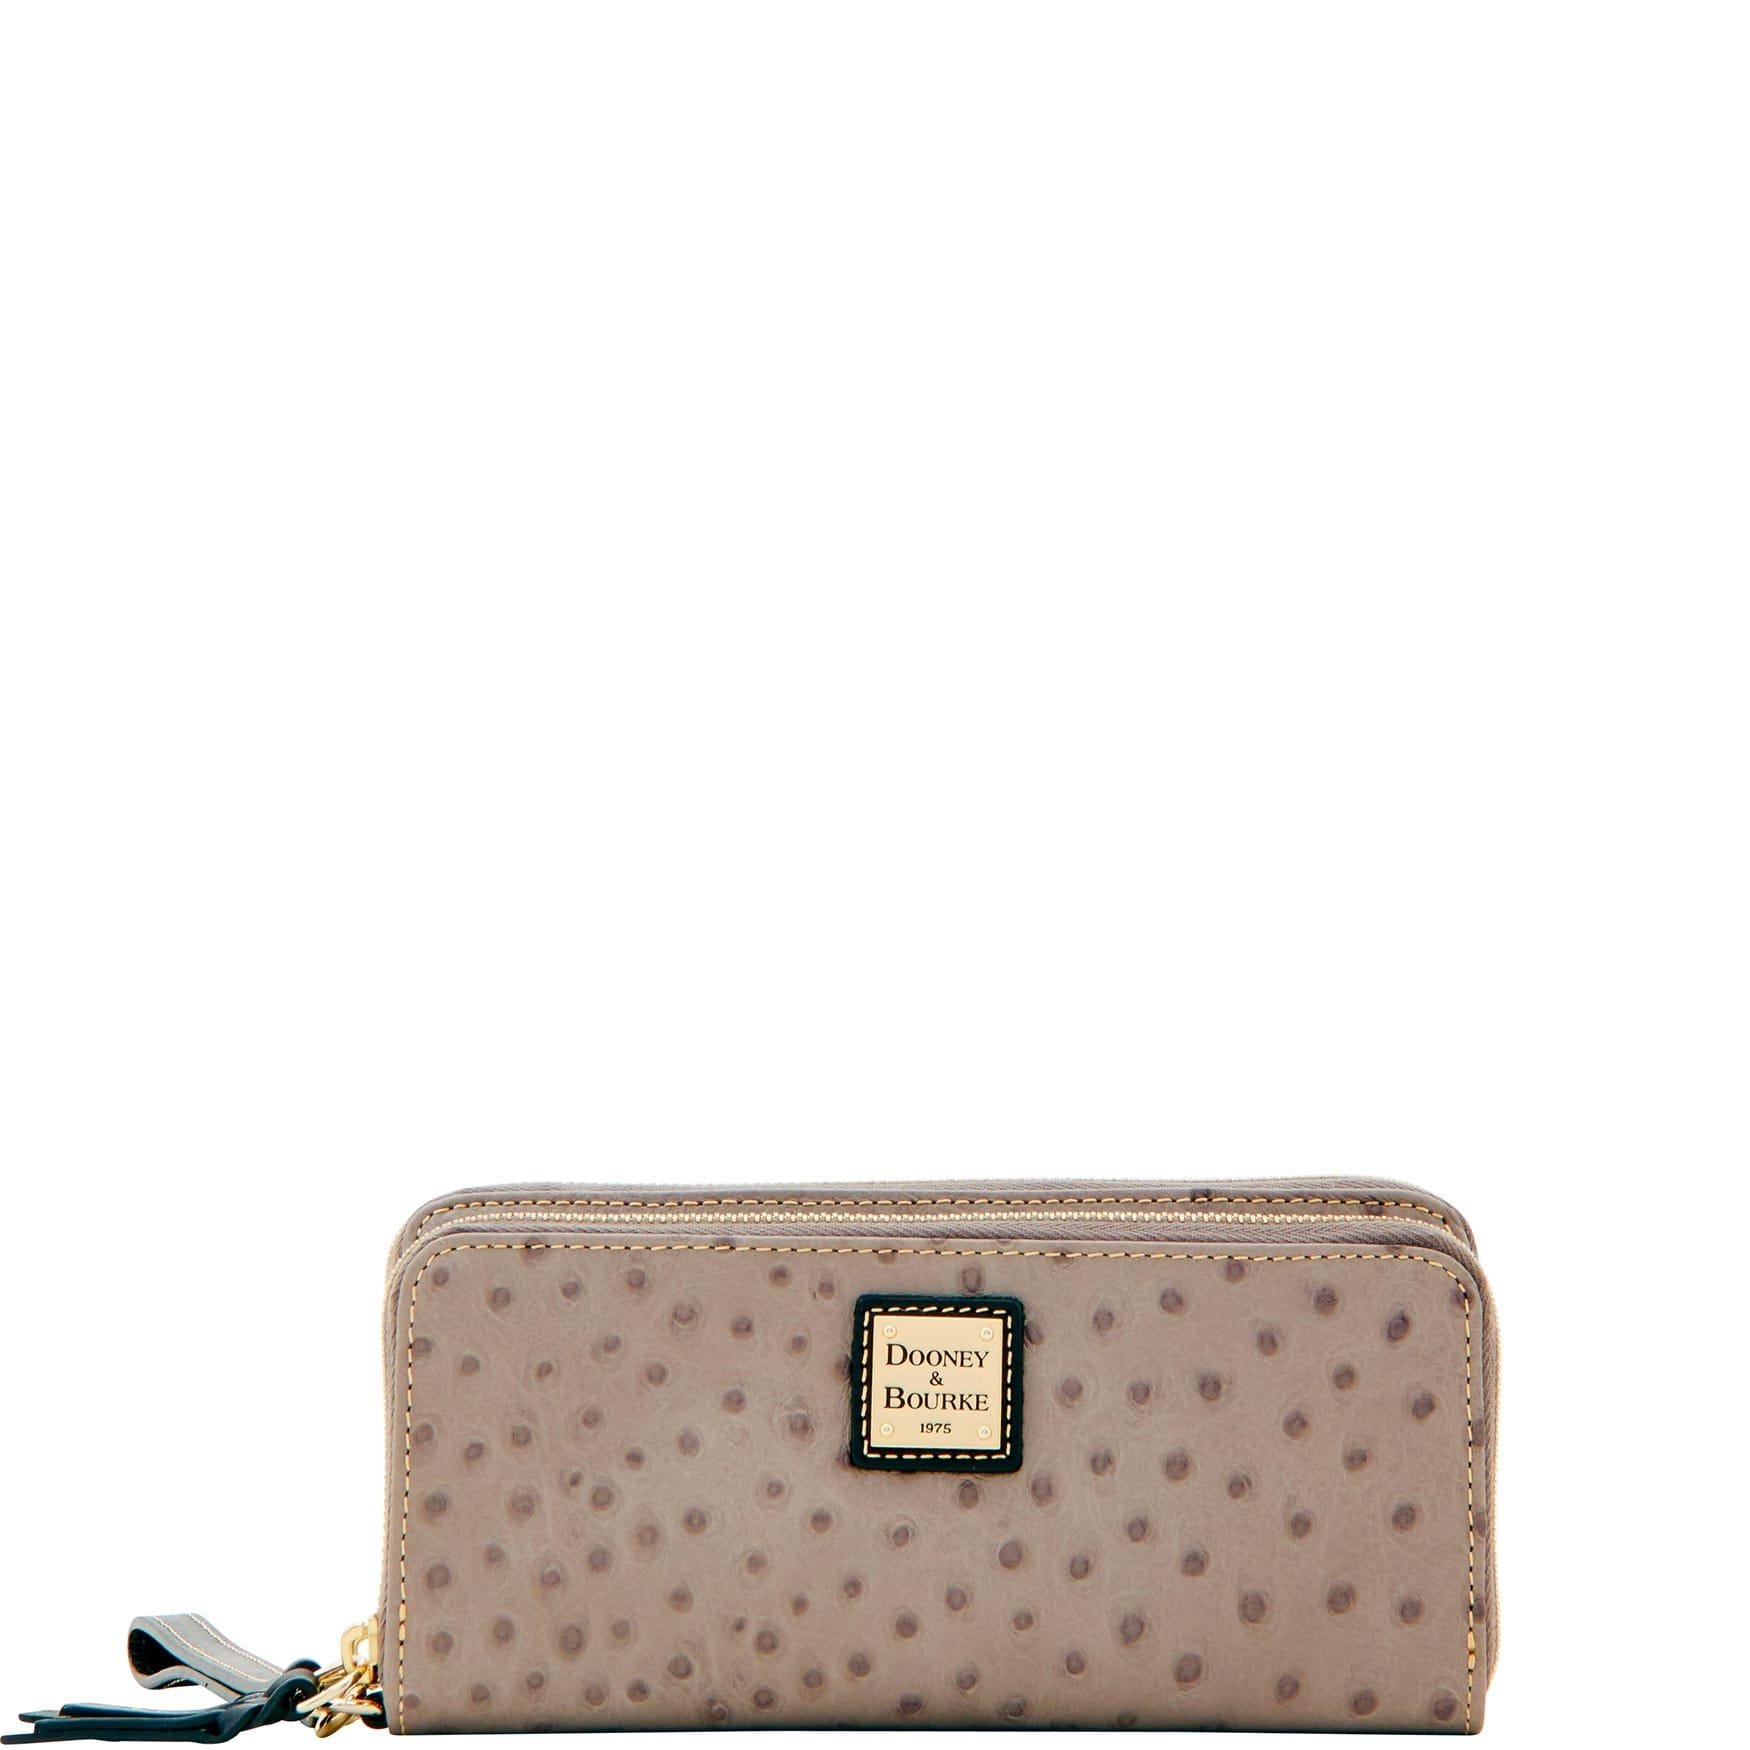 Dooney & Bourke Ostrich Double Zip Wallet by Dooney & Bourke